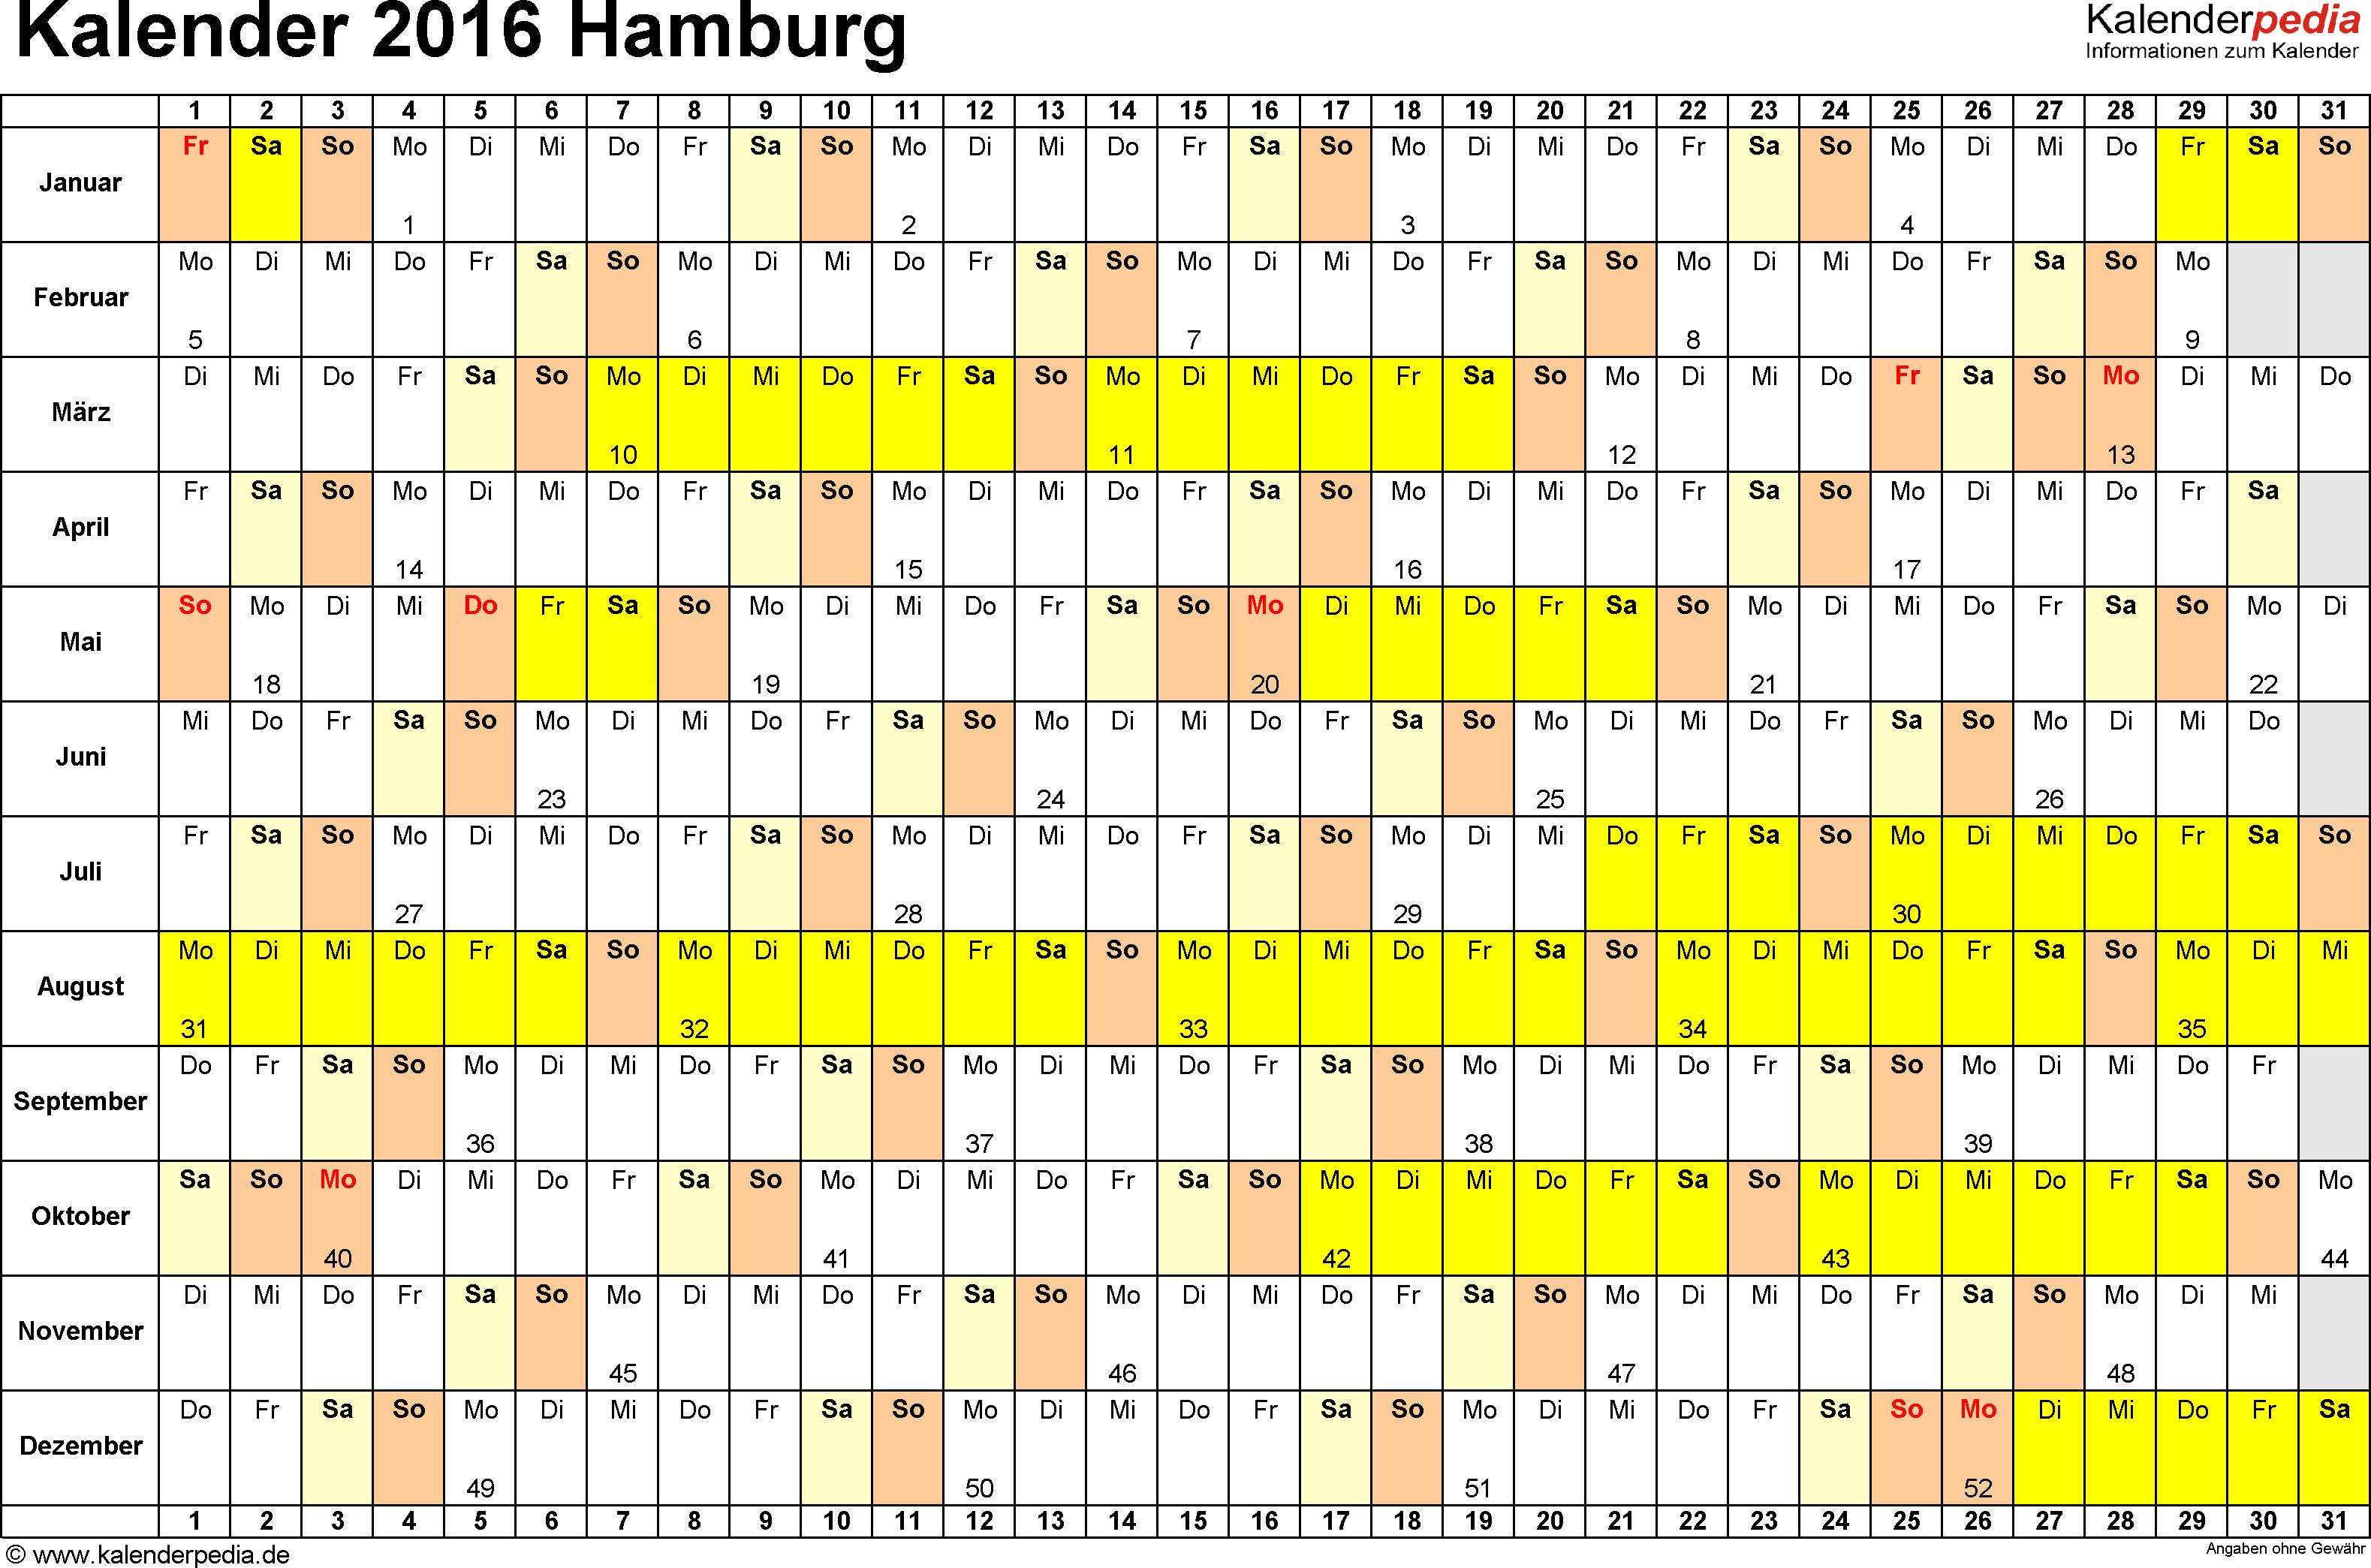 Vorlage 3: Kalender Hamburg 2016 im Querformat, Tage nebeneinander